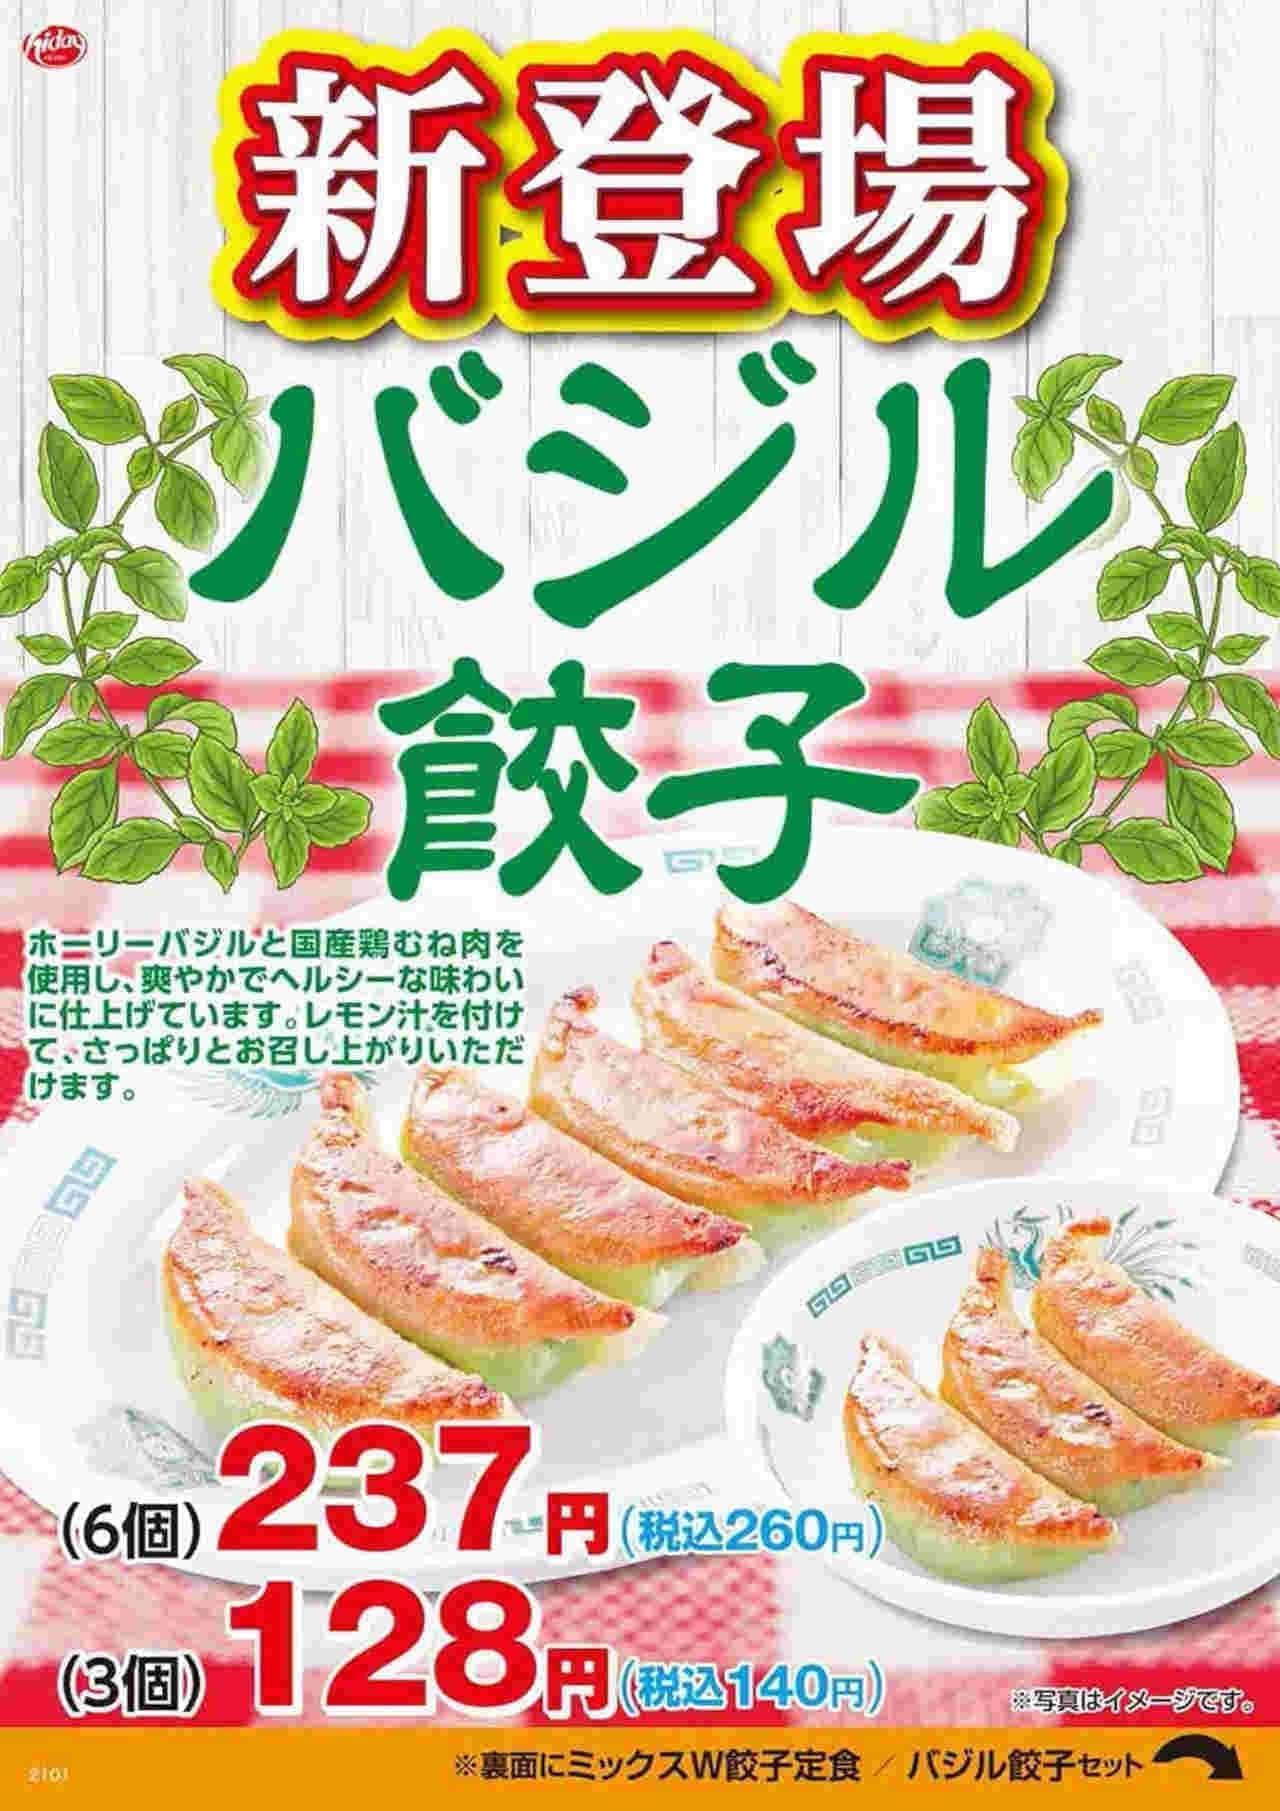 日高屋「バジル餃子」